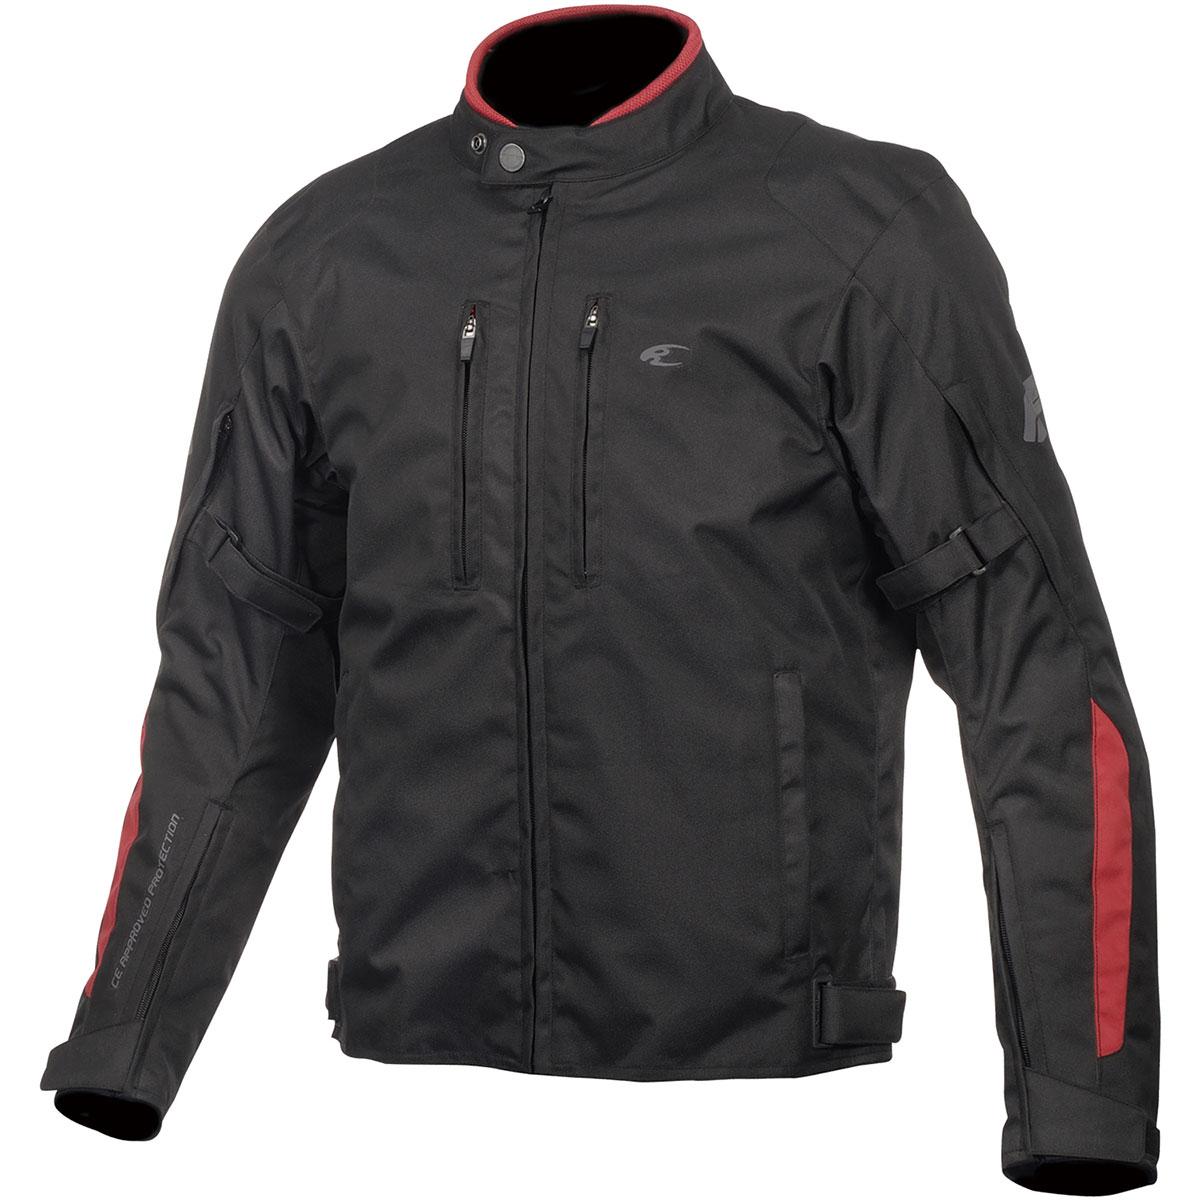 コミネ (Komine) バイク用 ジャケット Jacket JK-603 プロテクトウィンタージャケット ブラック/レッド Mサイズ 07-603/BK/RD/M - tempolibroeducation.it